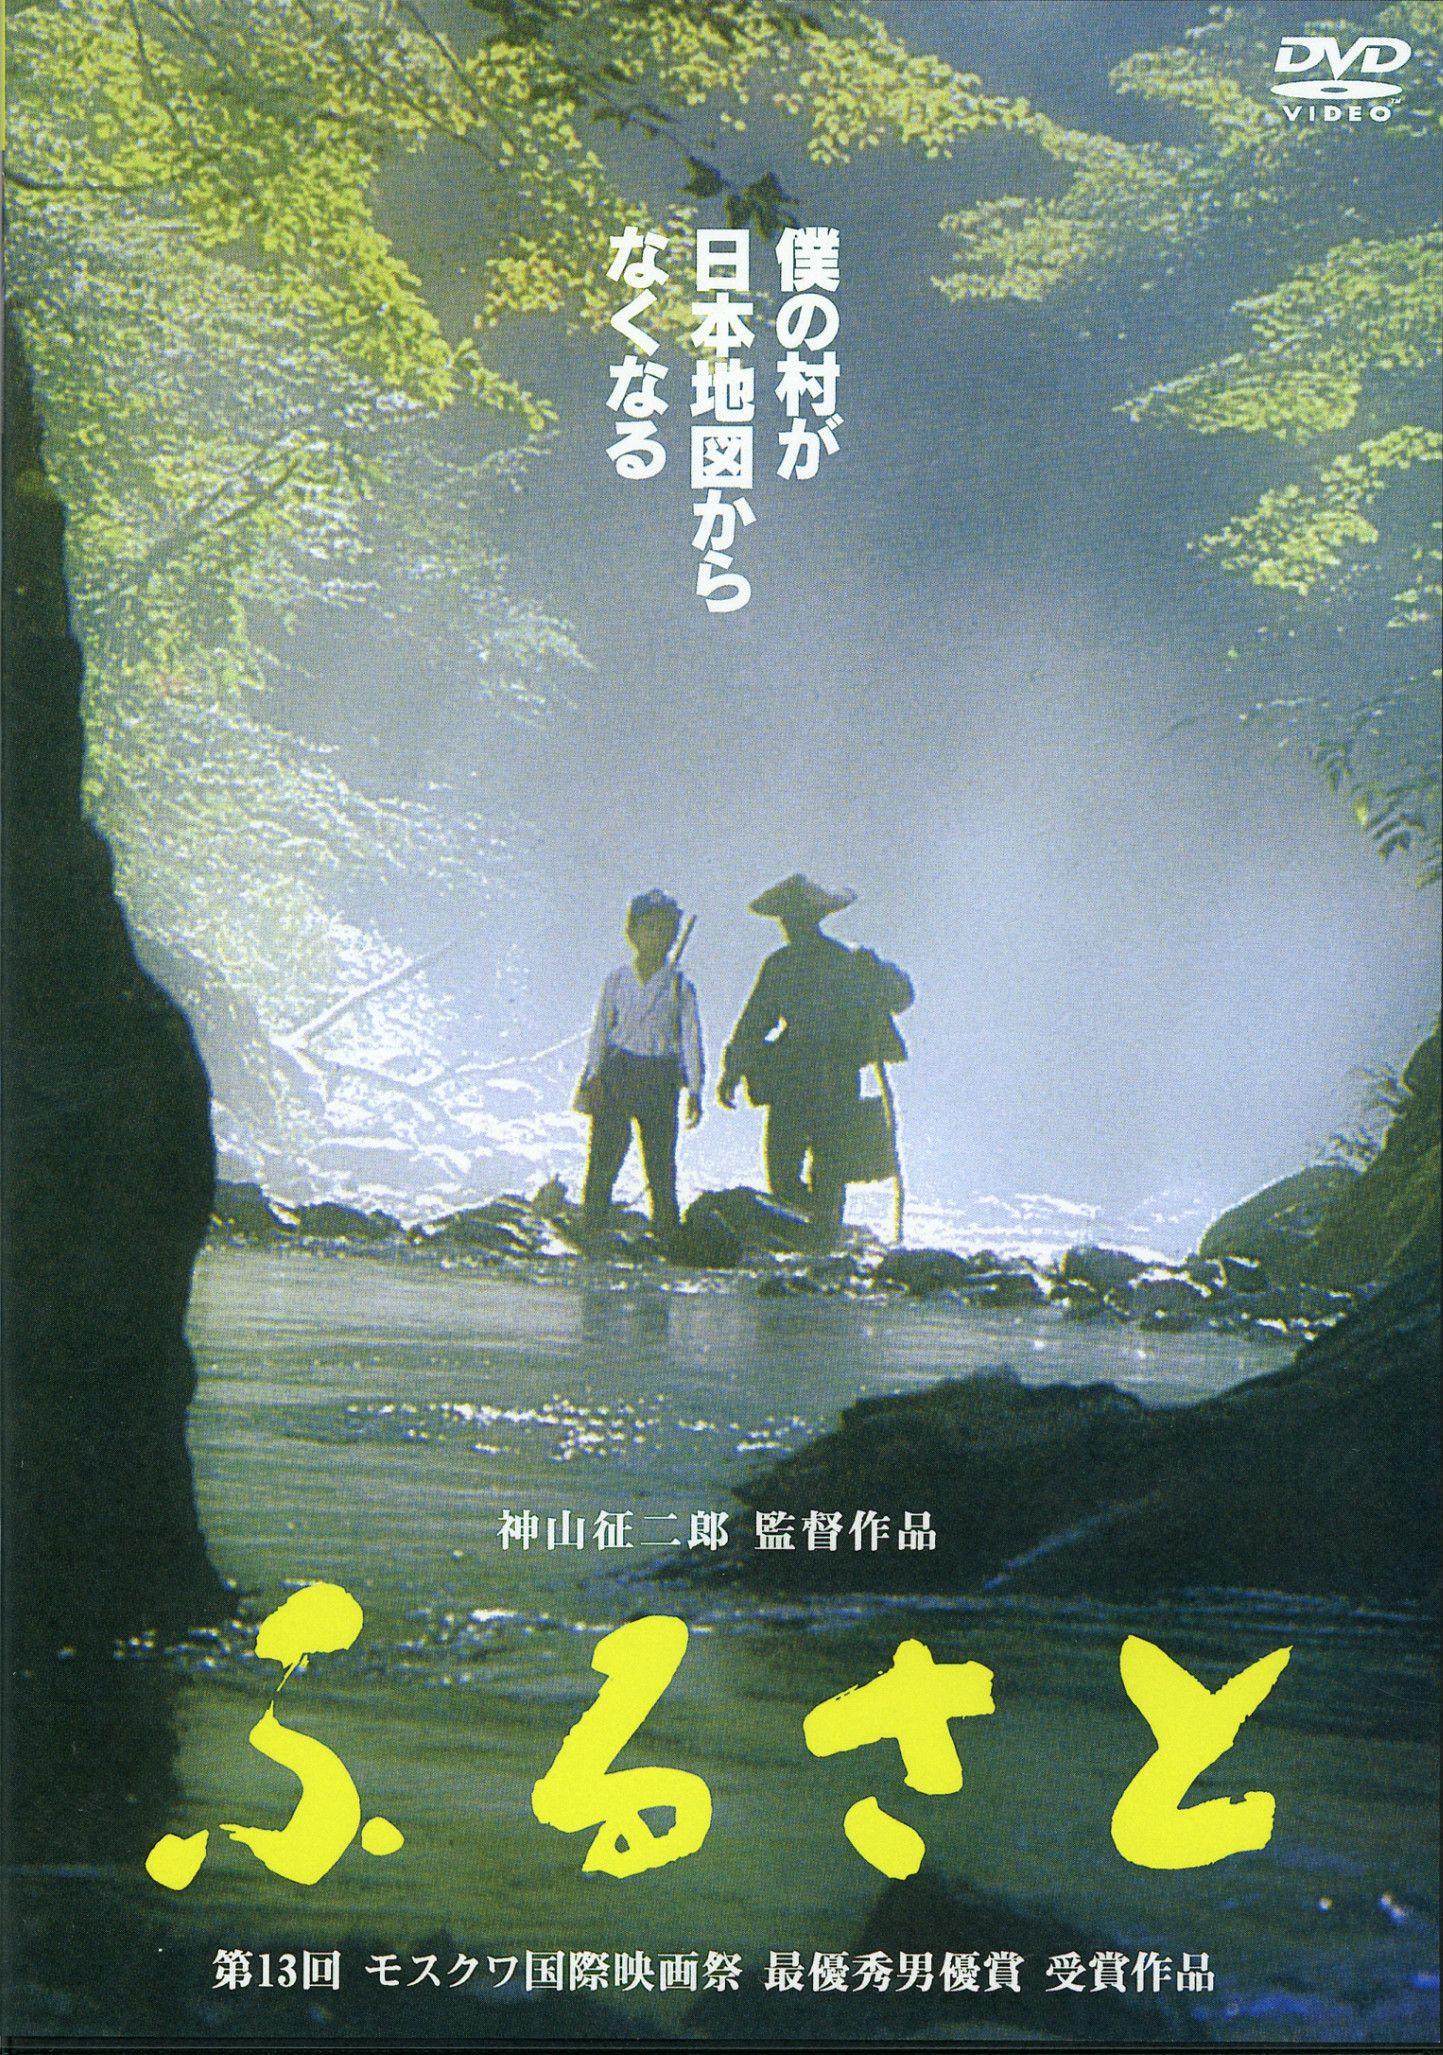 加藤嘉を眺めるだけで、涙があふれる里山映画! | 文春オンライン